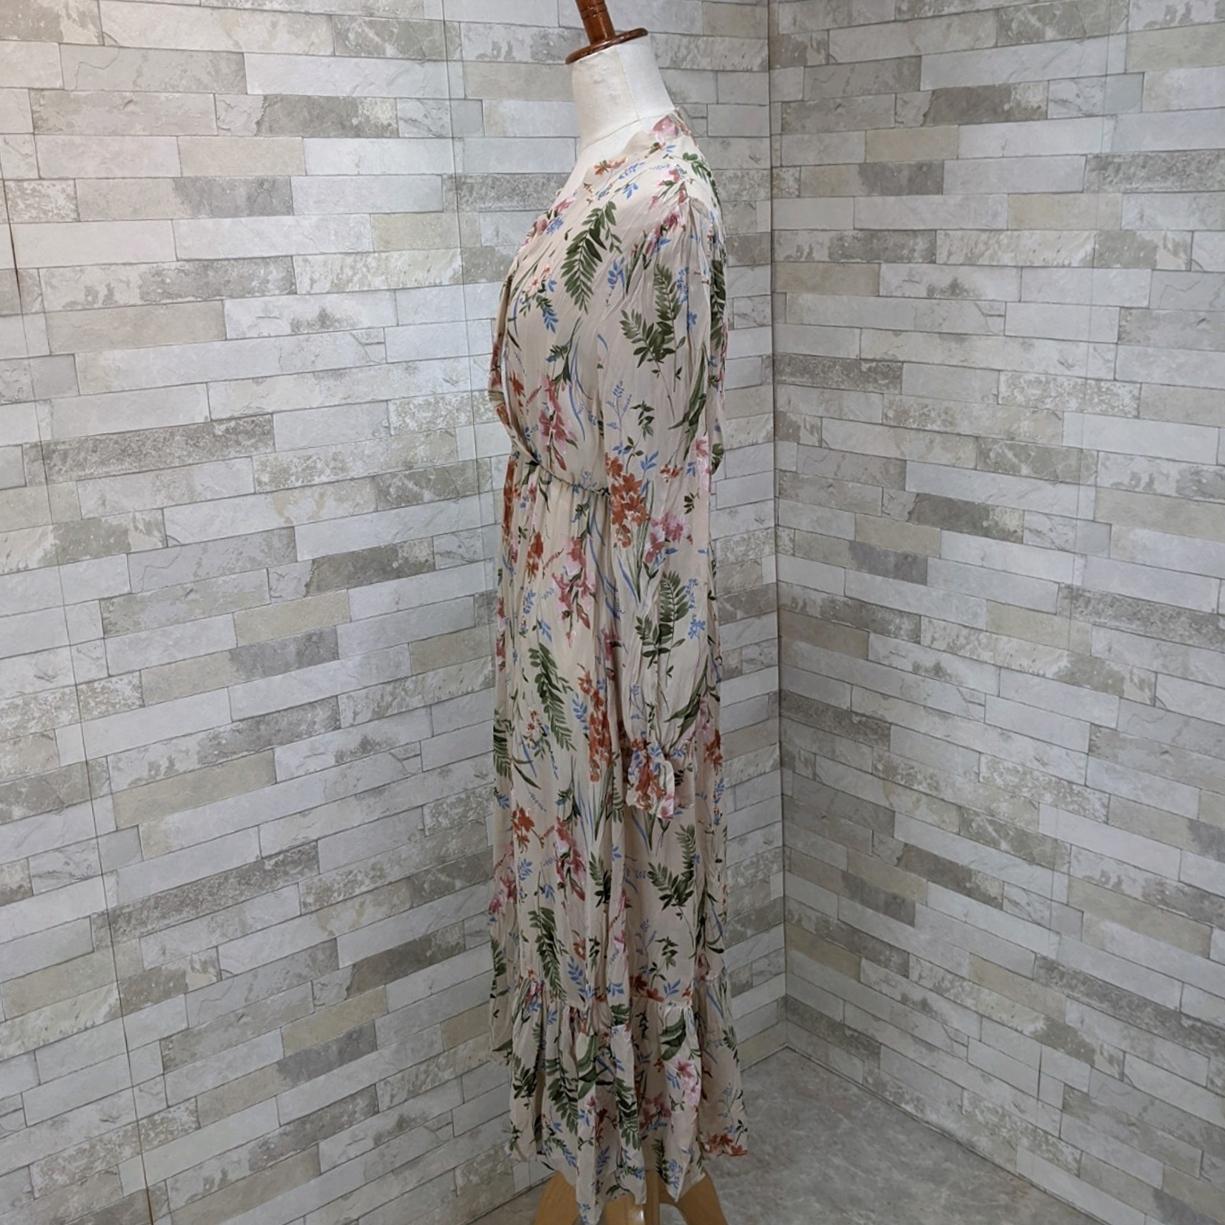 韓国 ファッション ワンピース 夏 春 カジュアル PTXH422  シアー シフォン風 エレガント 着回し オルチャン シンプル 定番 セレカジの写真16枚目